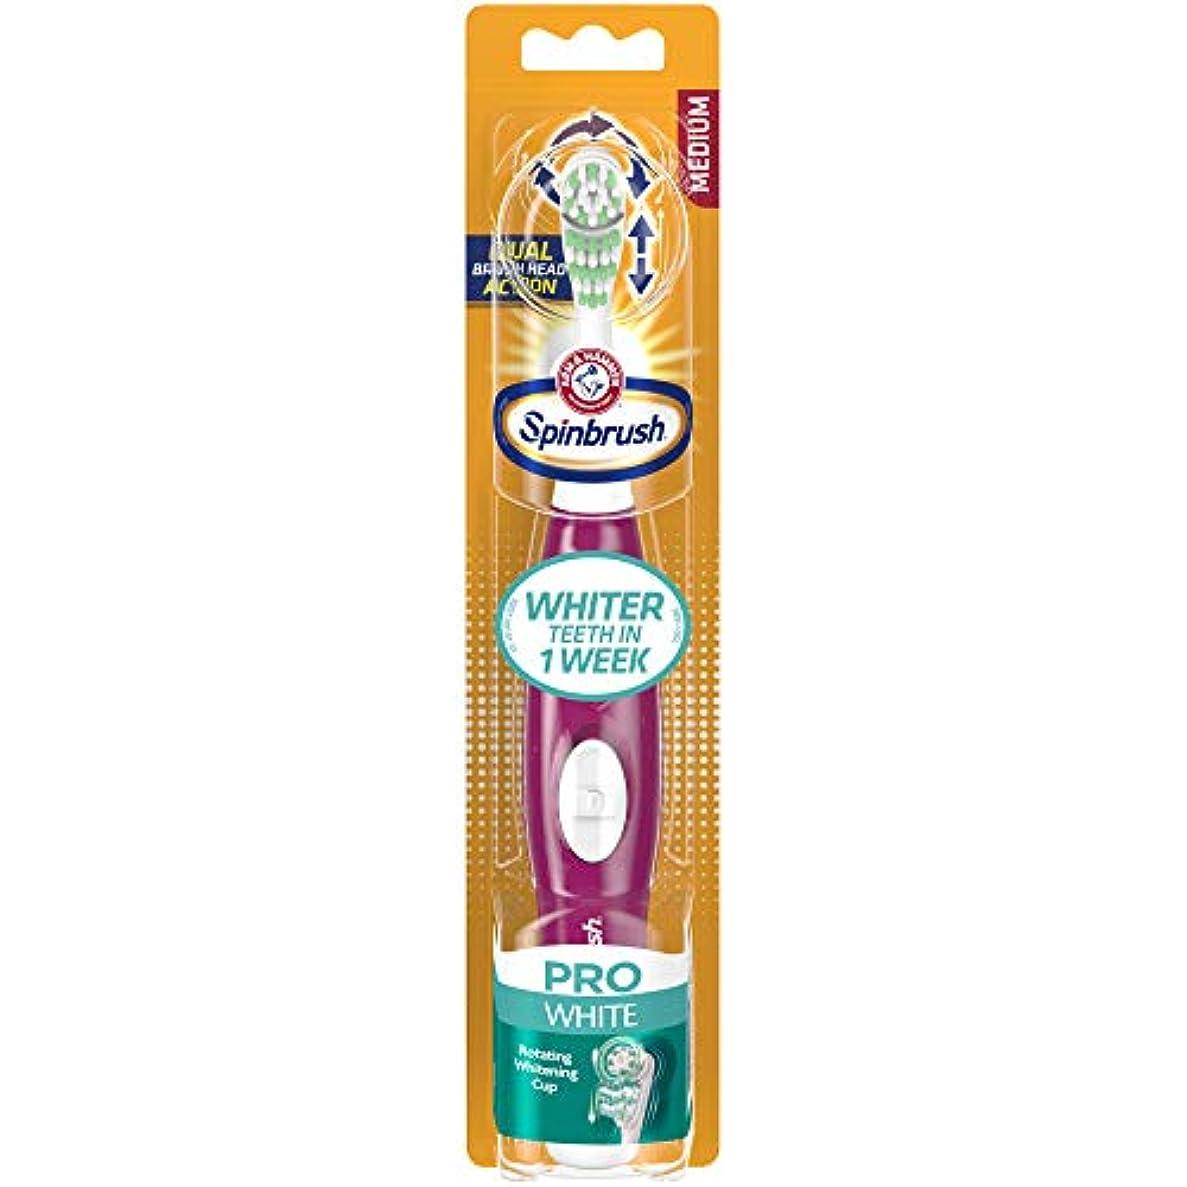 神話普及横たわるSpinbrush プロシリーズウルトラホワイト歯ブラシ、中1 Eaは 中